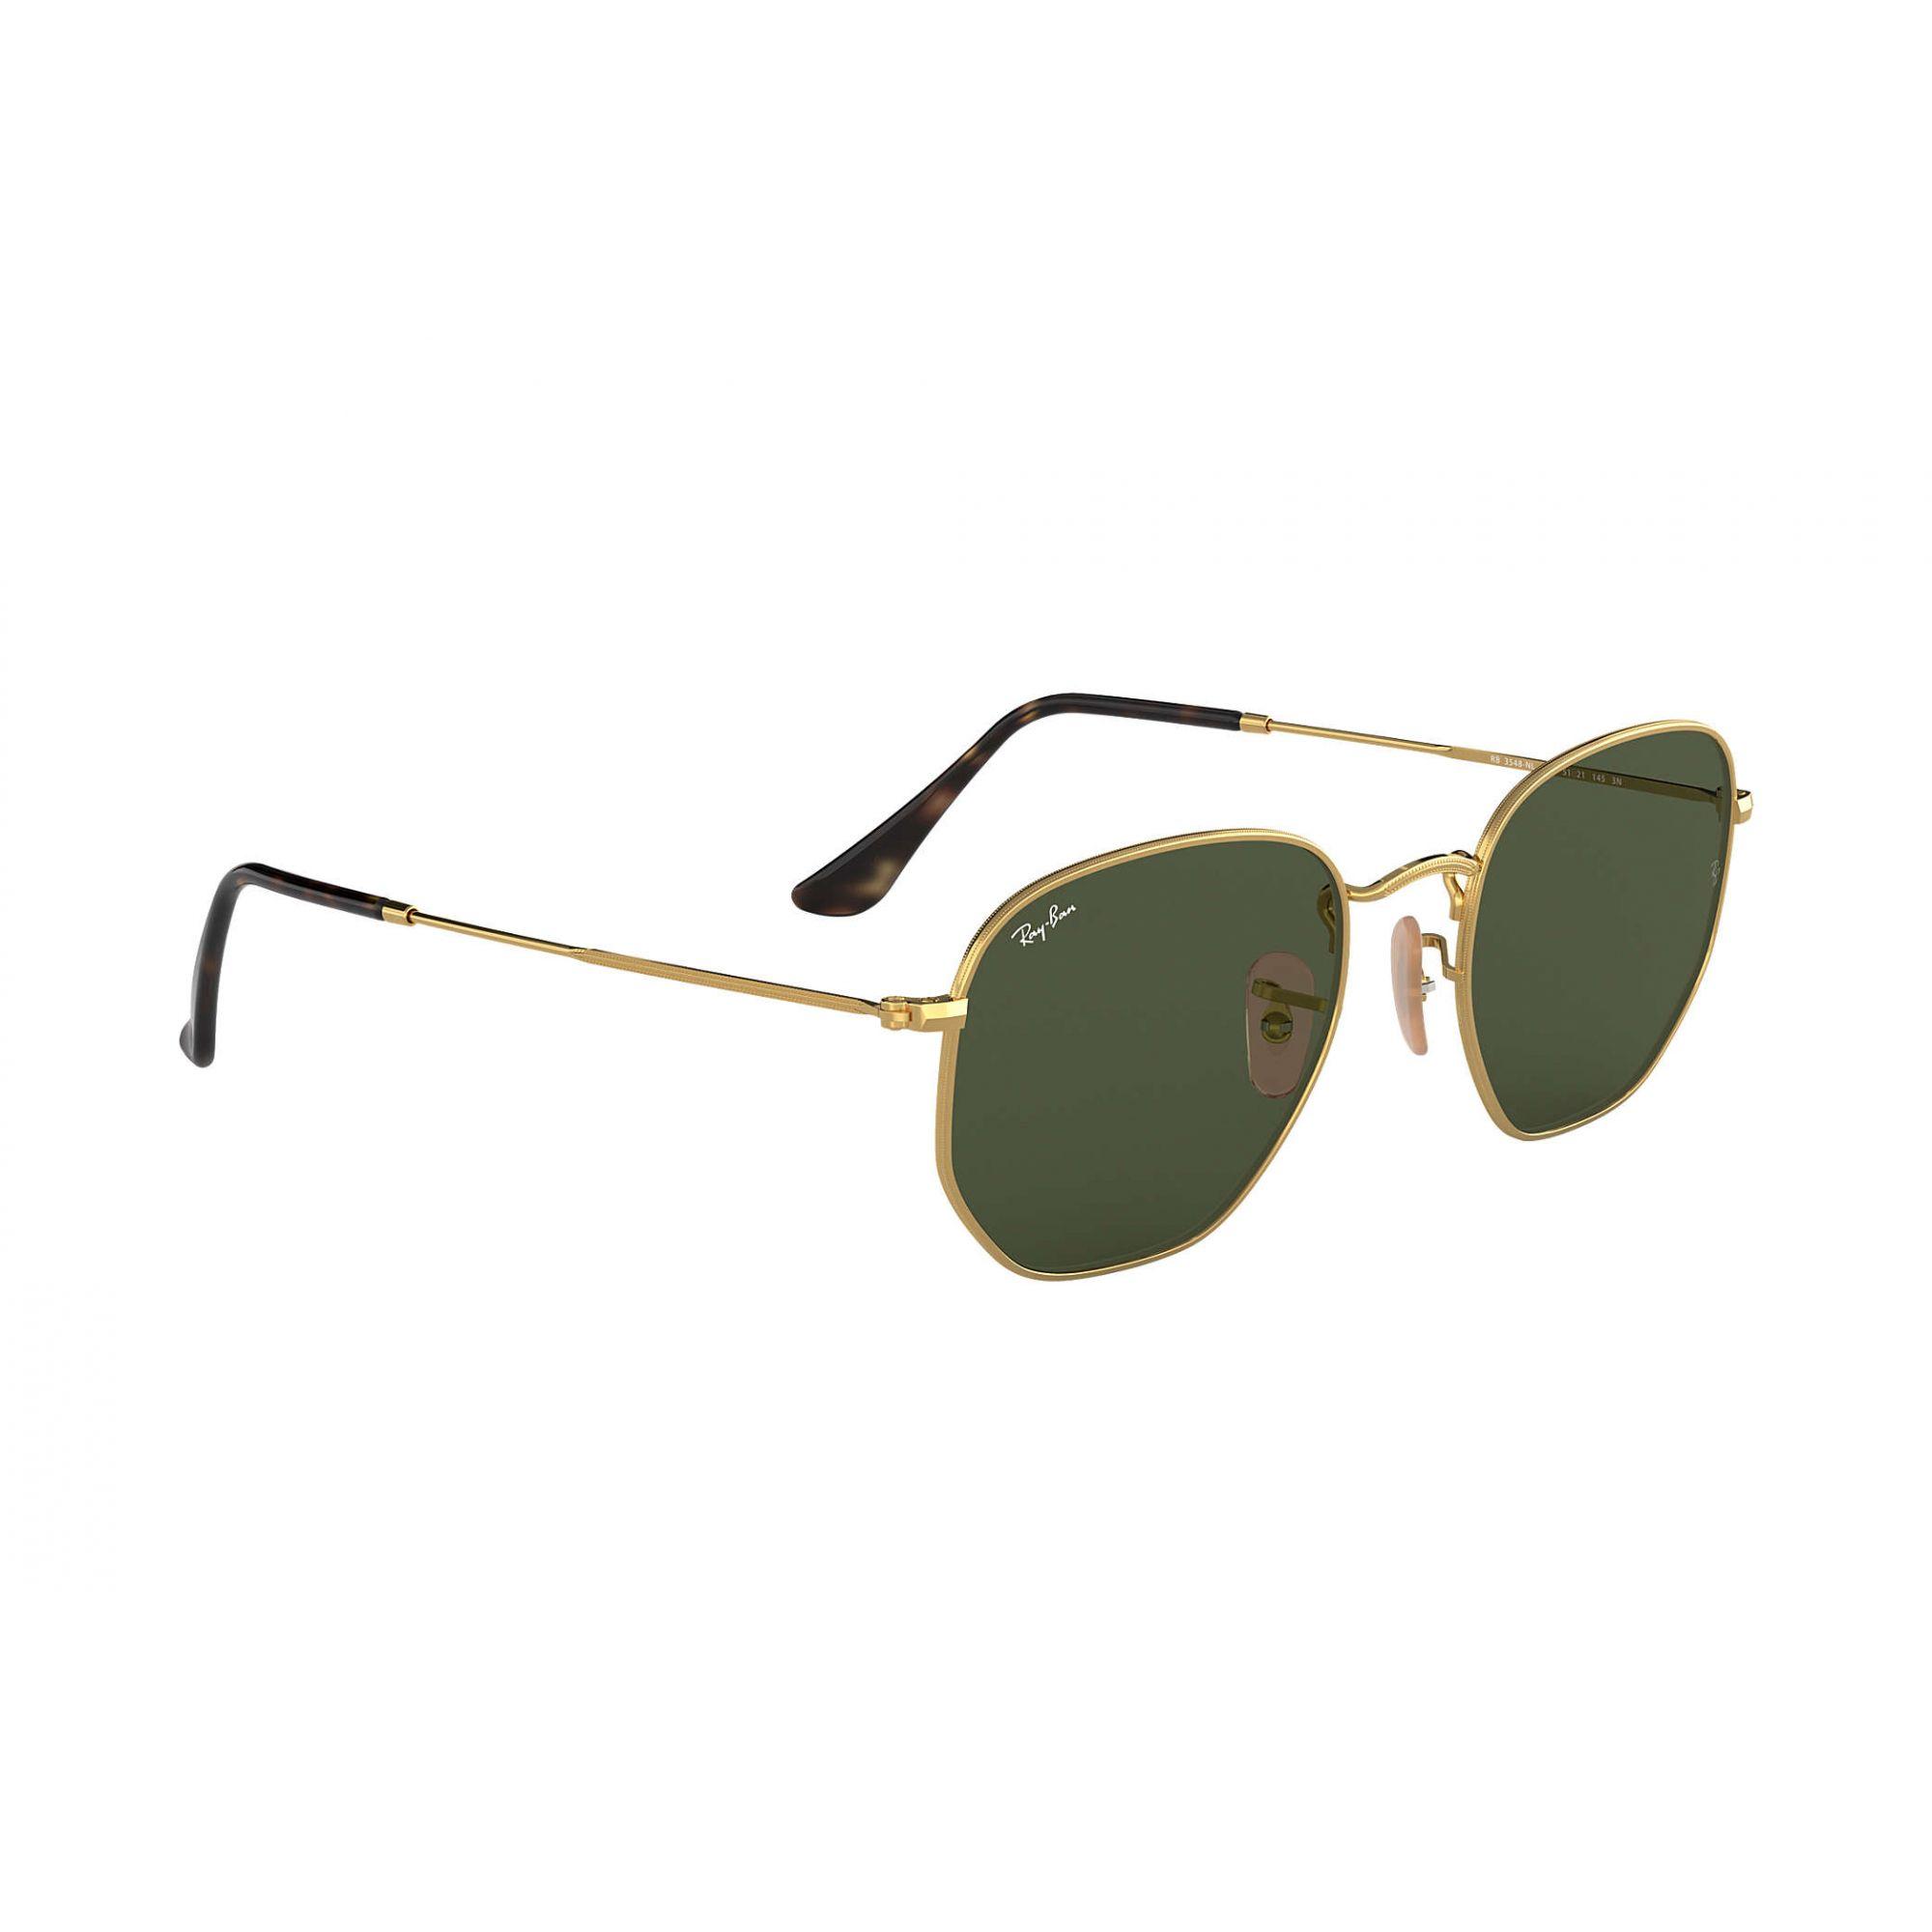 Ray Ban - RB3548NL 001 - Óculos de sol